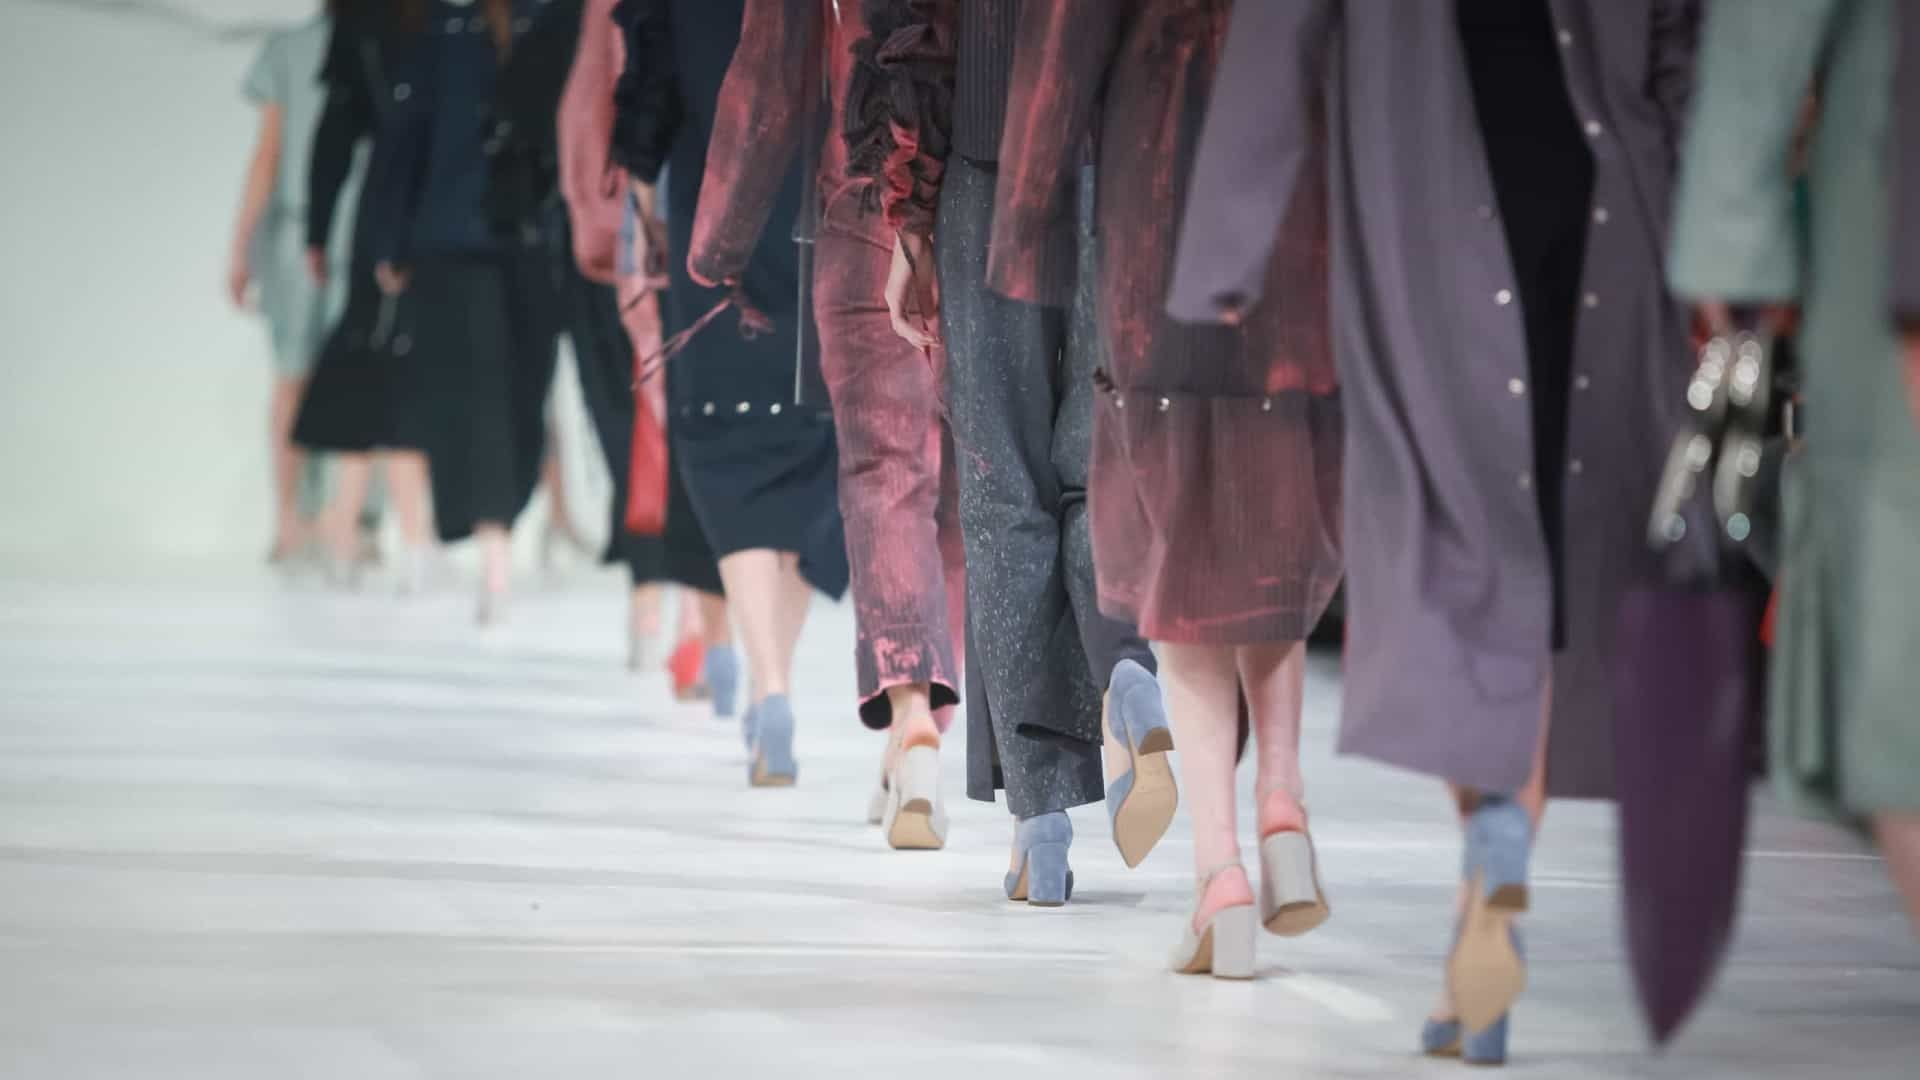 Moda em tempos de pandemia por Lindebergue Fernandes